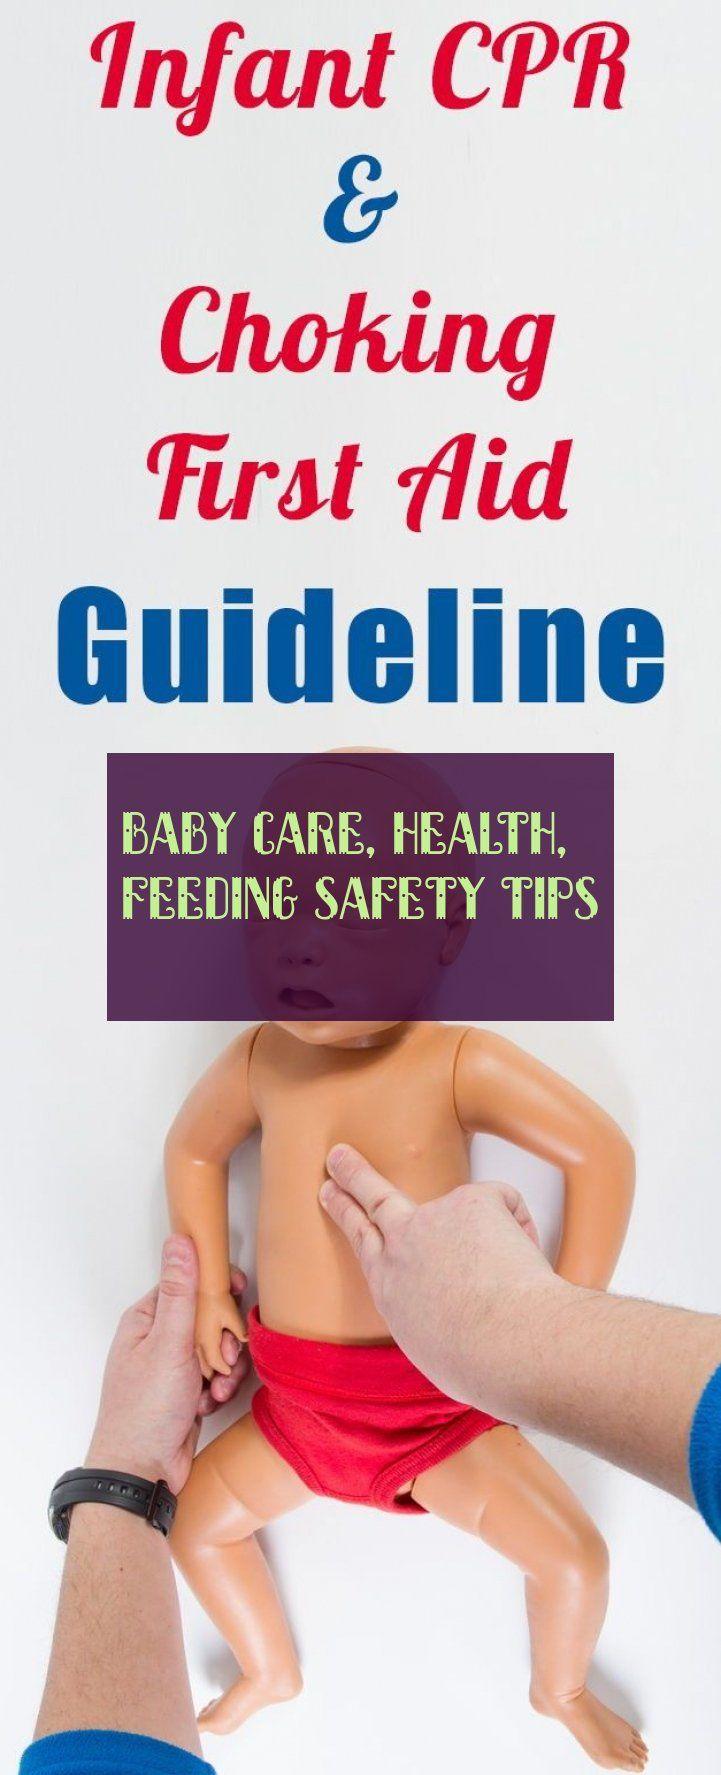 Soins De Bébé Santé Conseils De Sécurité D'alimentation Baby Care Health Feeding Safety Tips